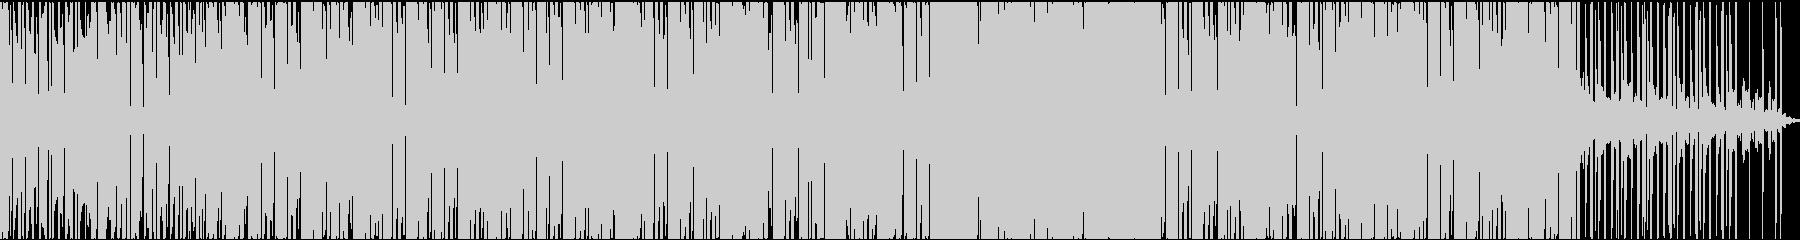 トロピカルな雰囲気のトラップ・ビートの未再生の波形